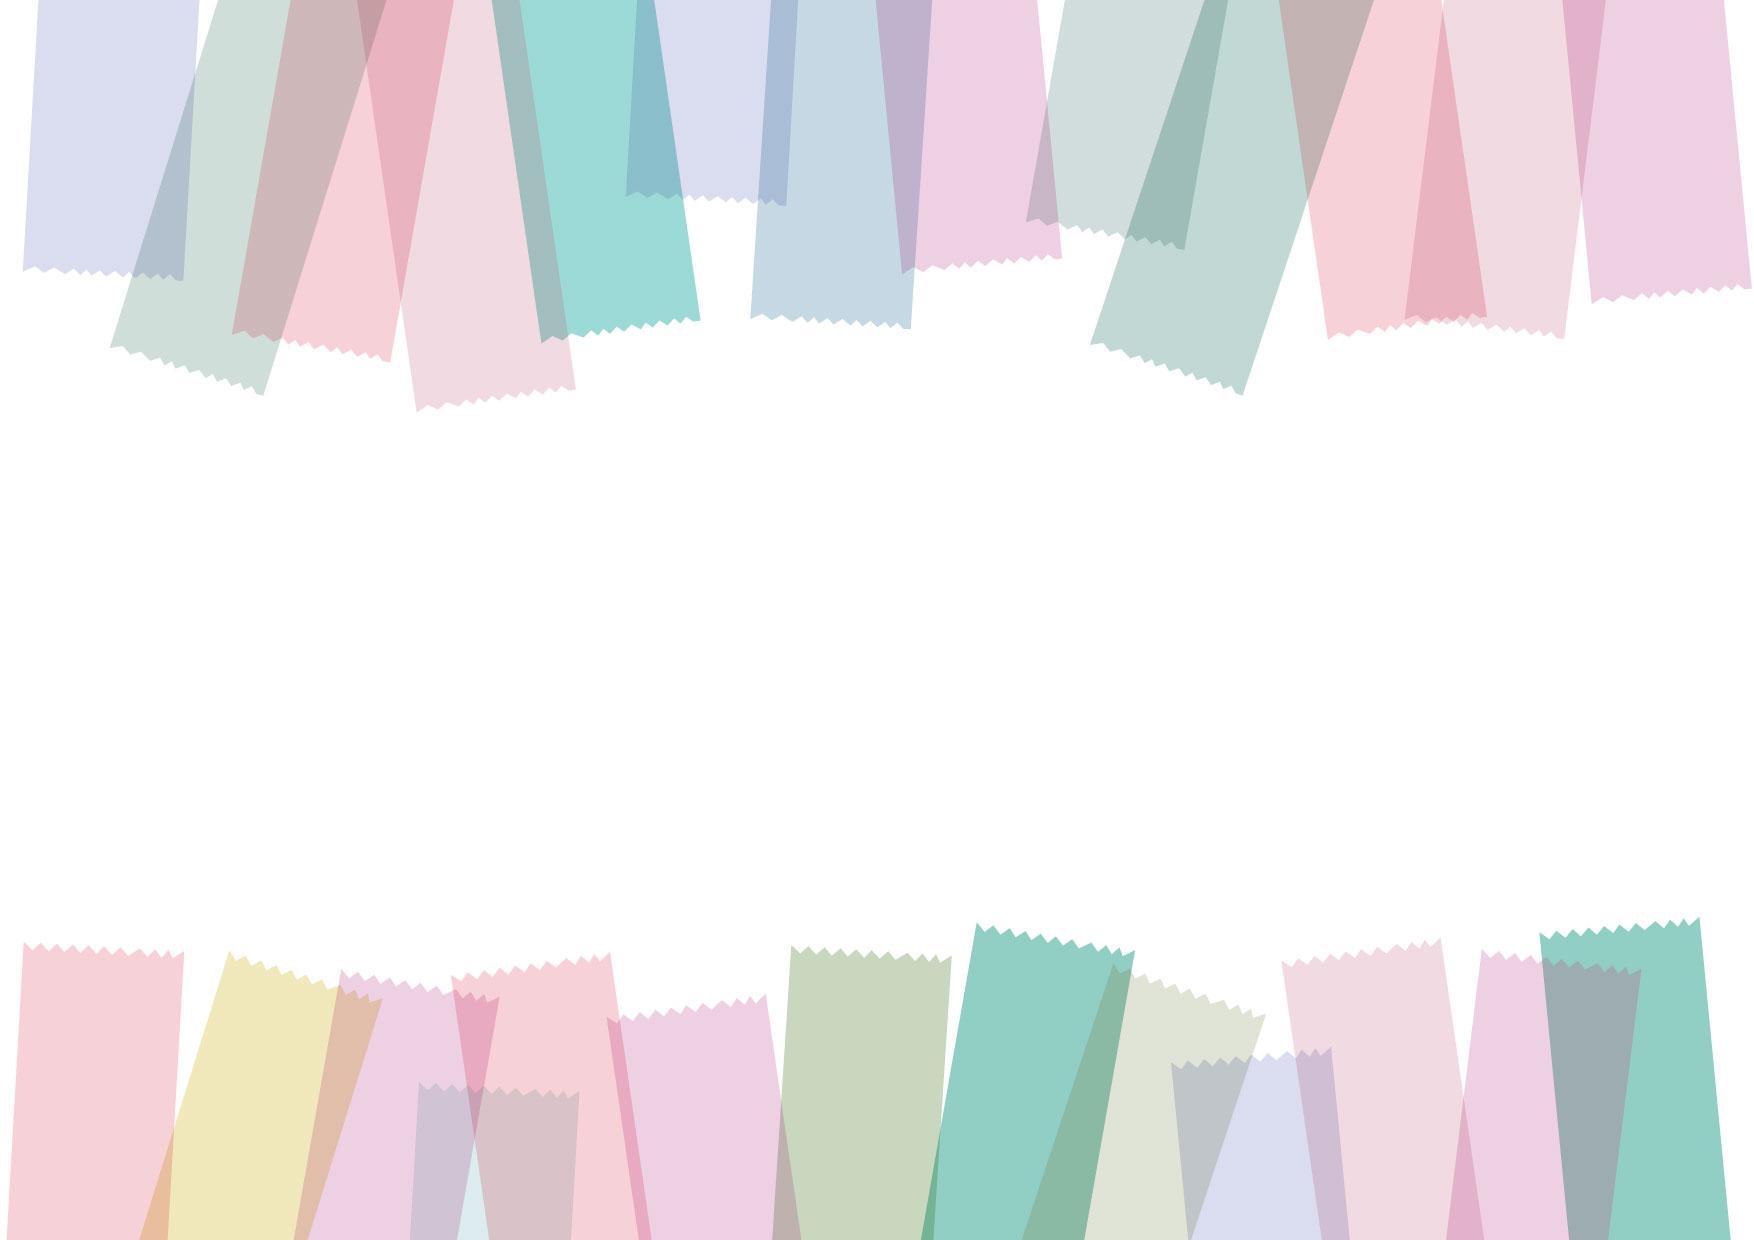 可愛いイラスト無料|マスキングテープ ピンク 背景 − free illustration Masking tape pink background